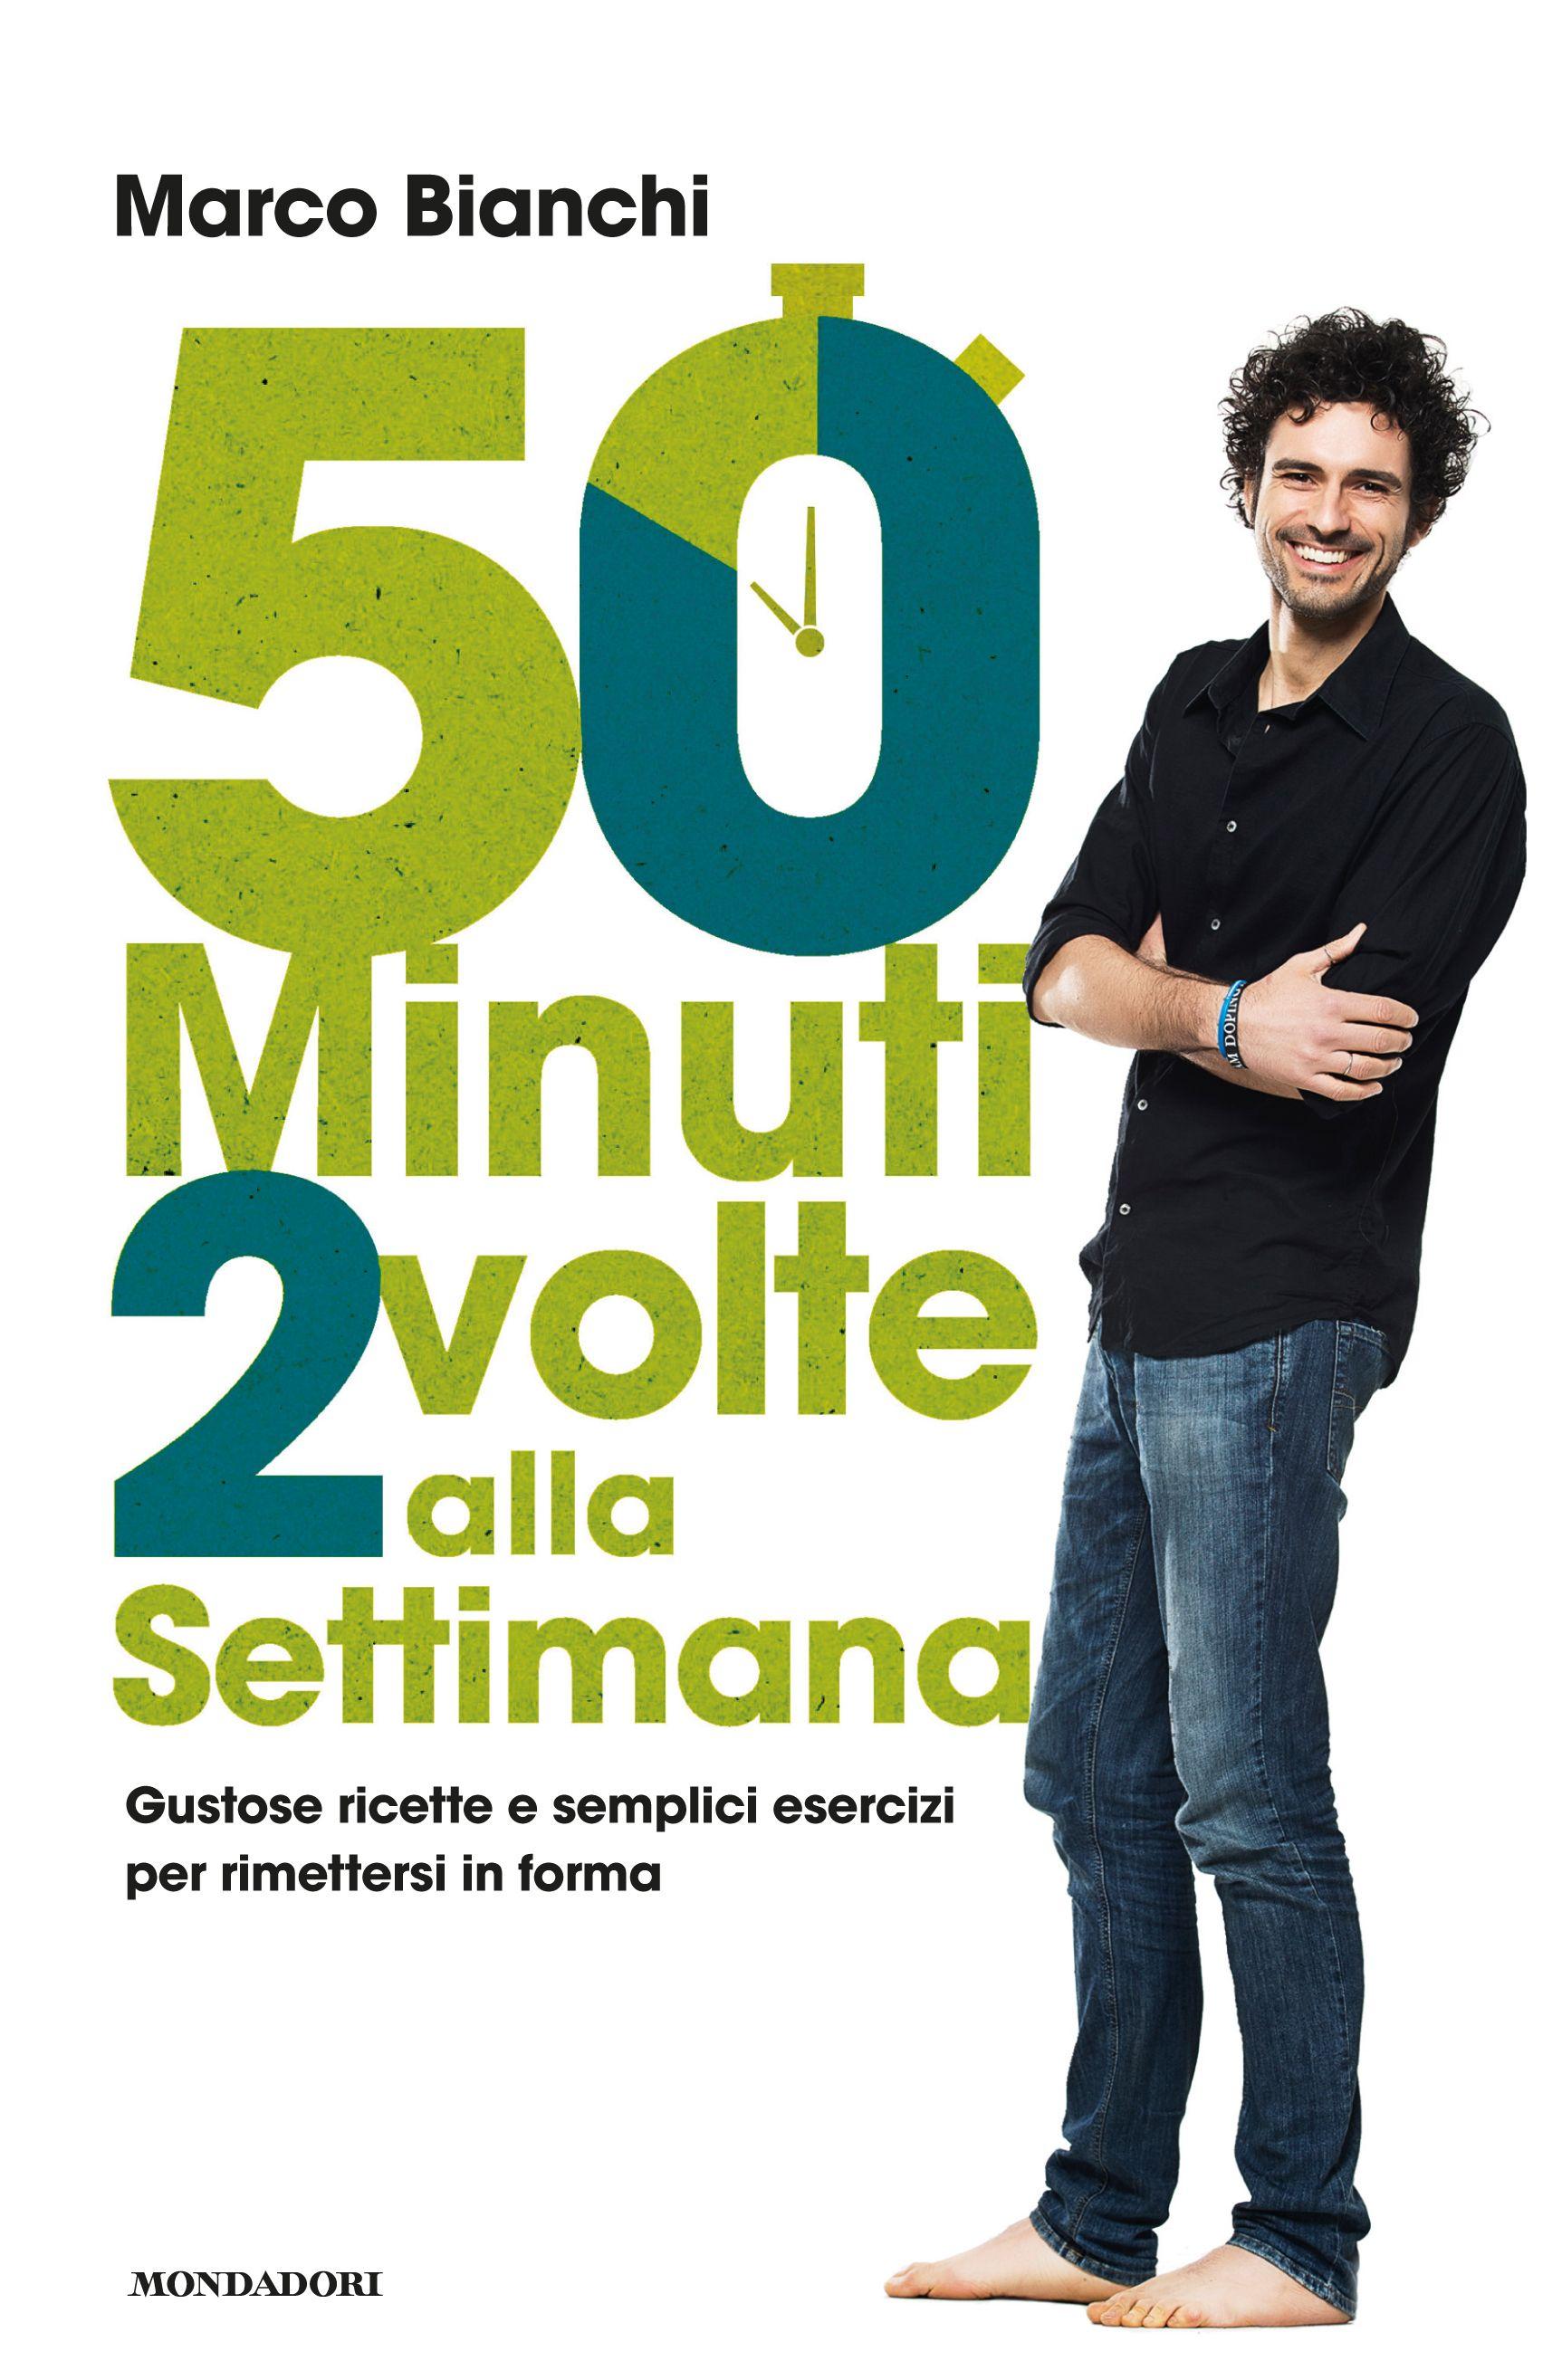 Marco Bianchi, 50 minuti 2 volte alla settimana